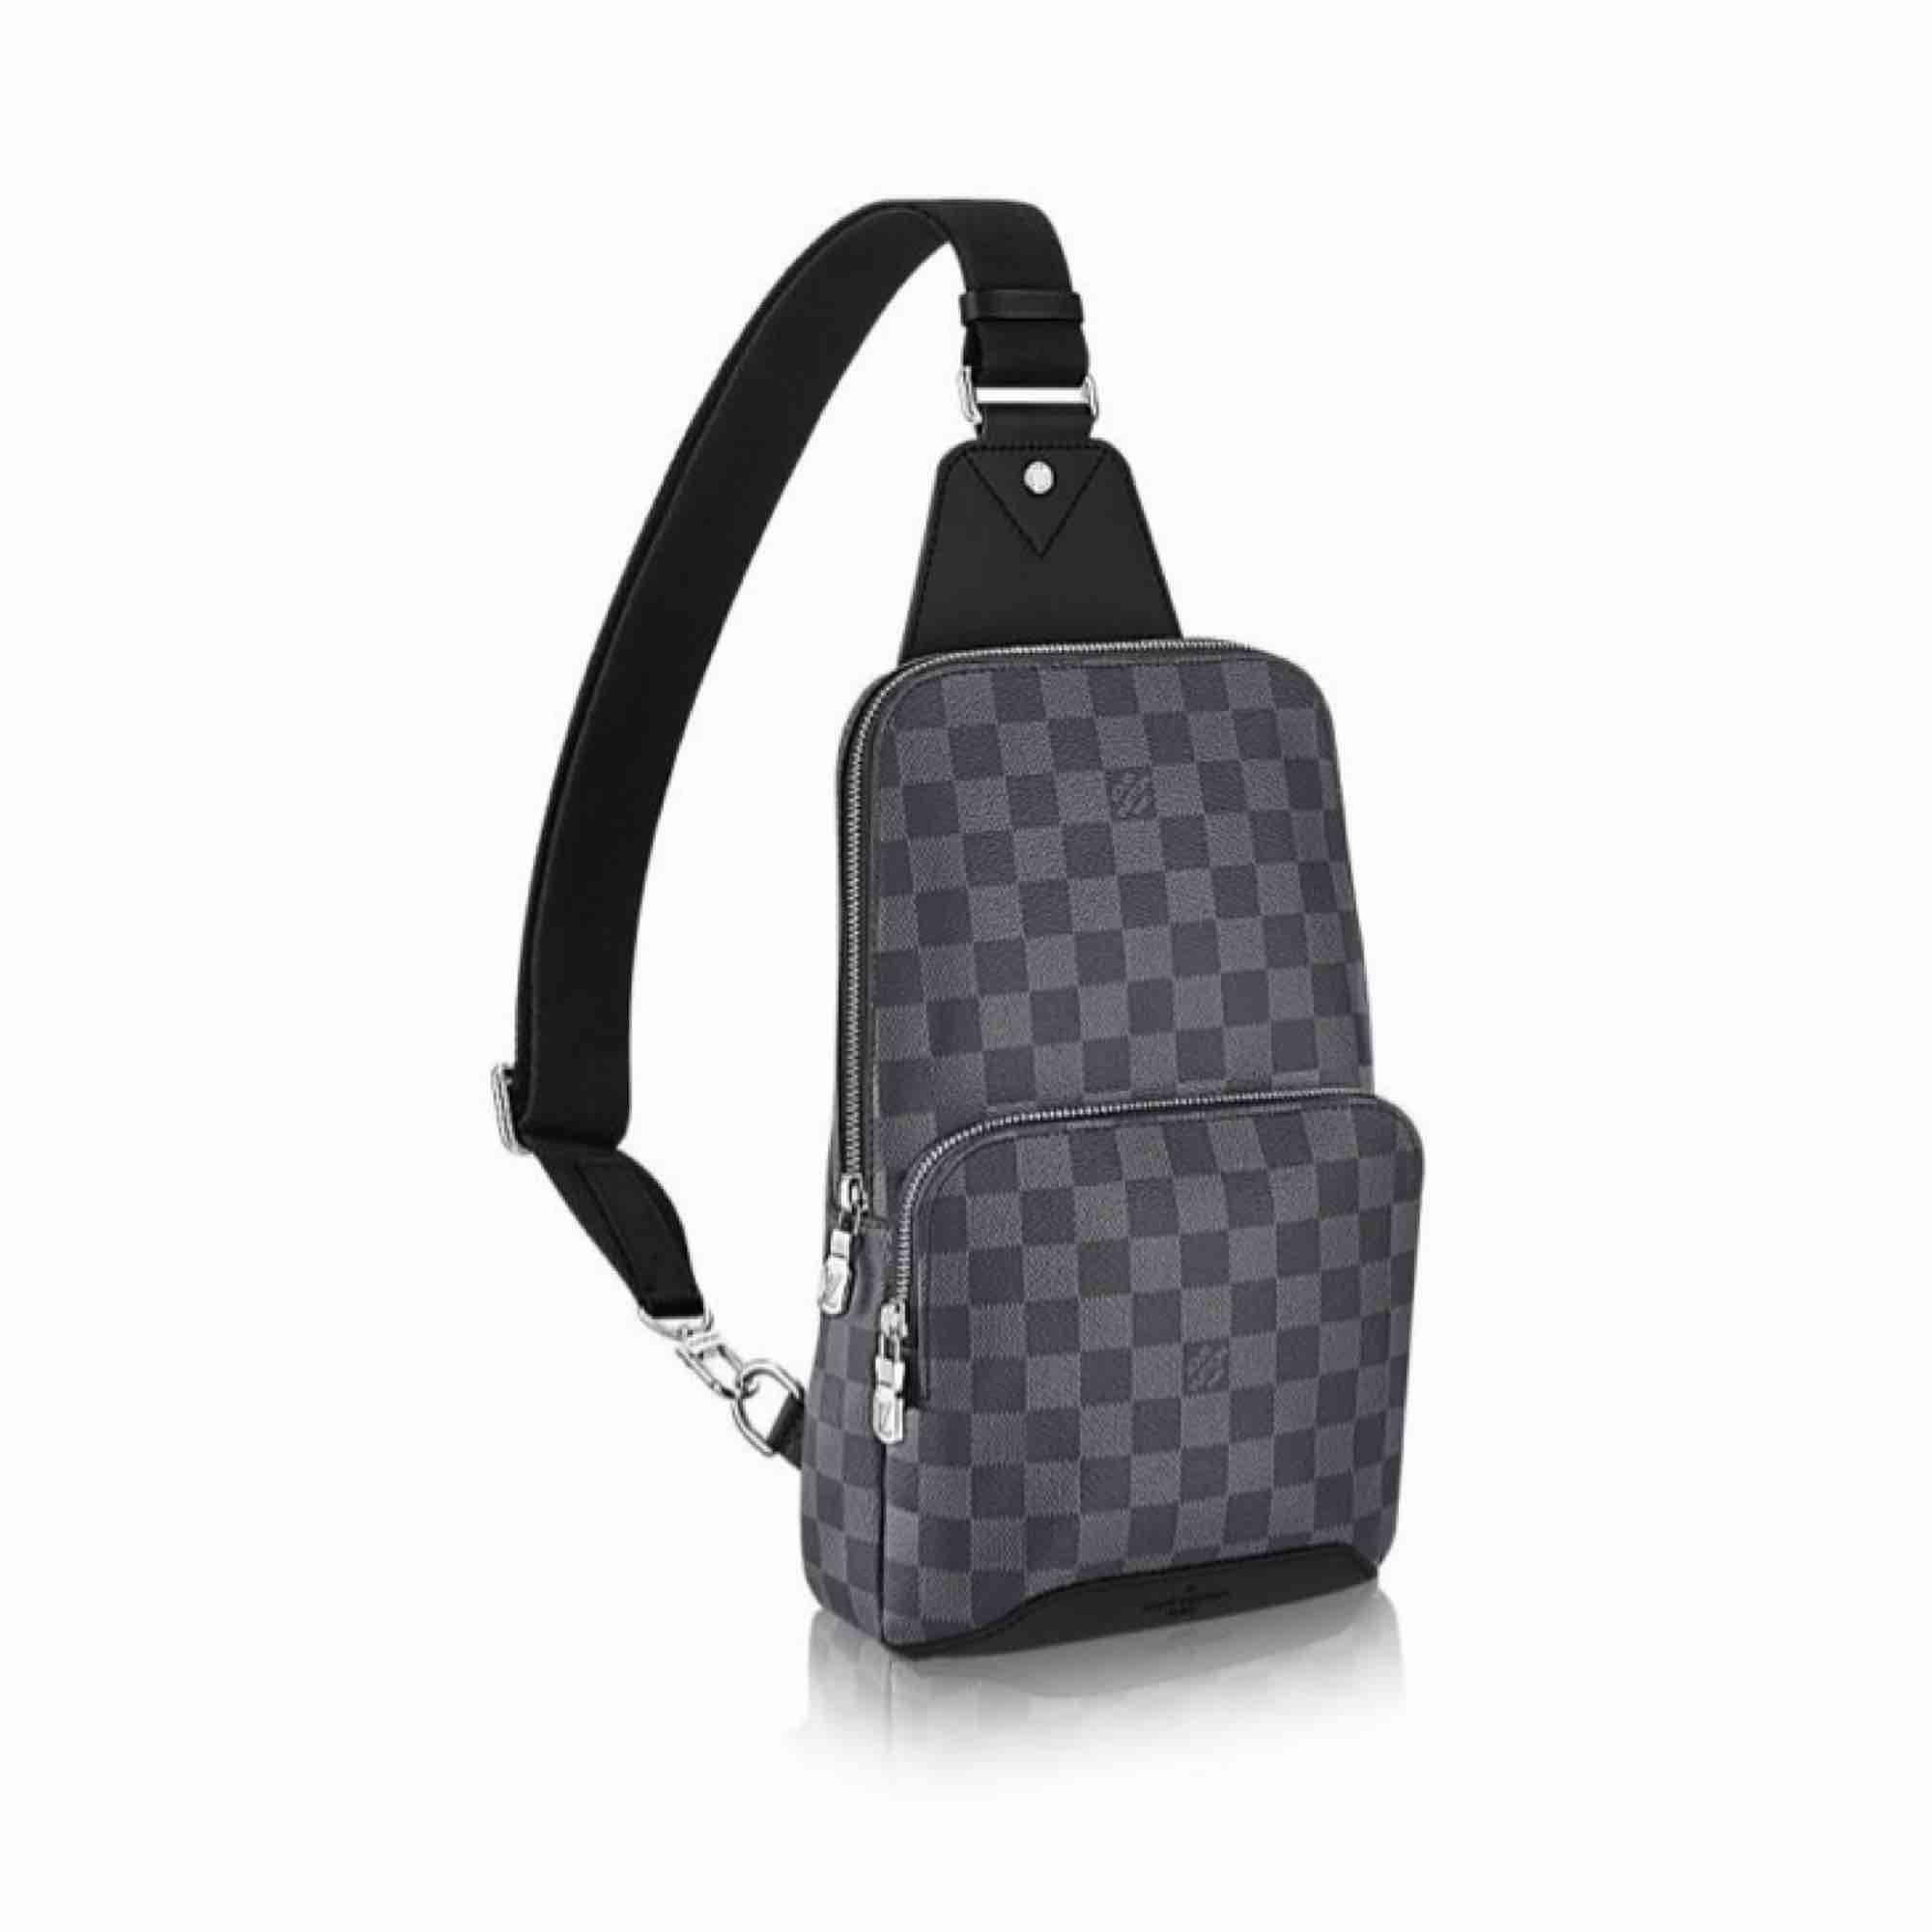 Jag säljer bra kopior av märkena Gucci, LV och även Philip plein! Vill mest intresse kolla efter förfrågan då dessa är beställnings varor! Har allt från herr till dam! DM för mer info eller frågor🌺. Väskor.